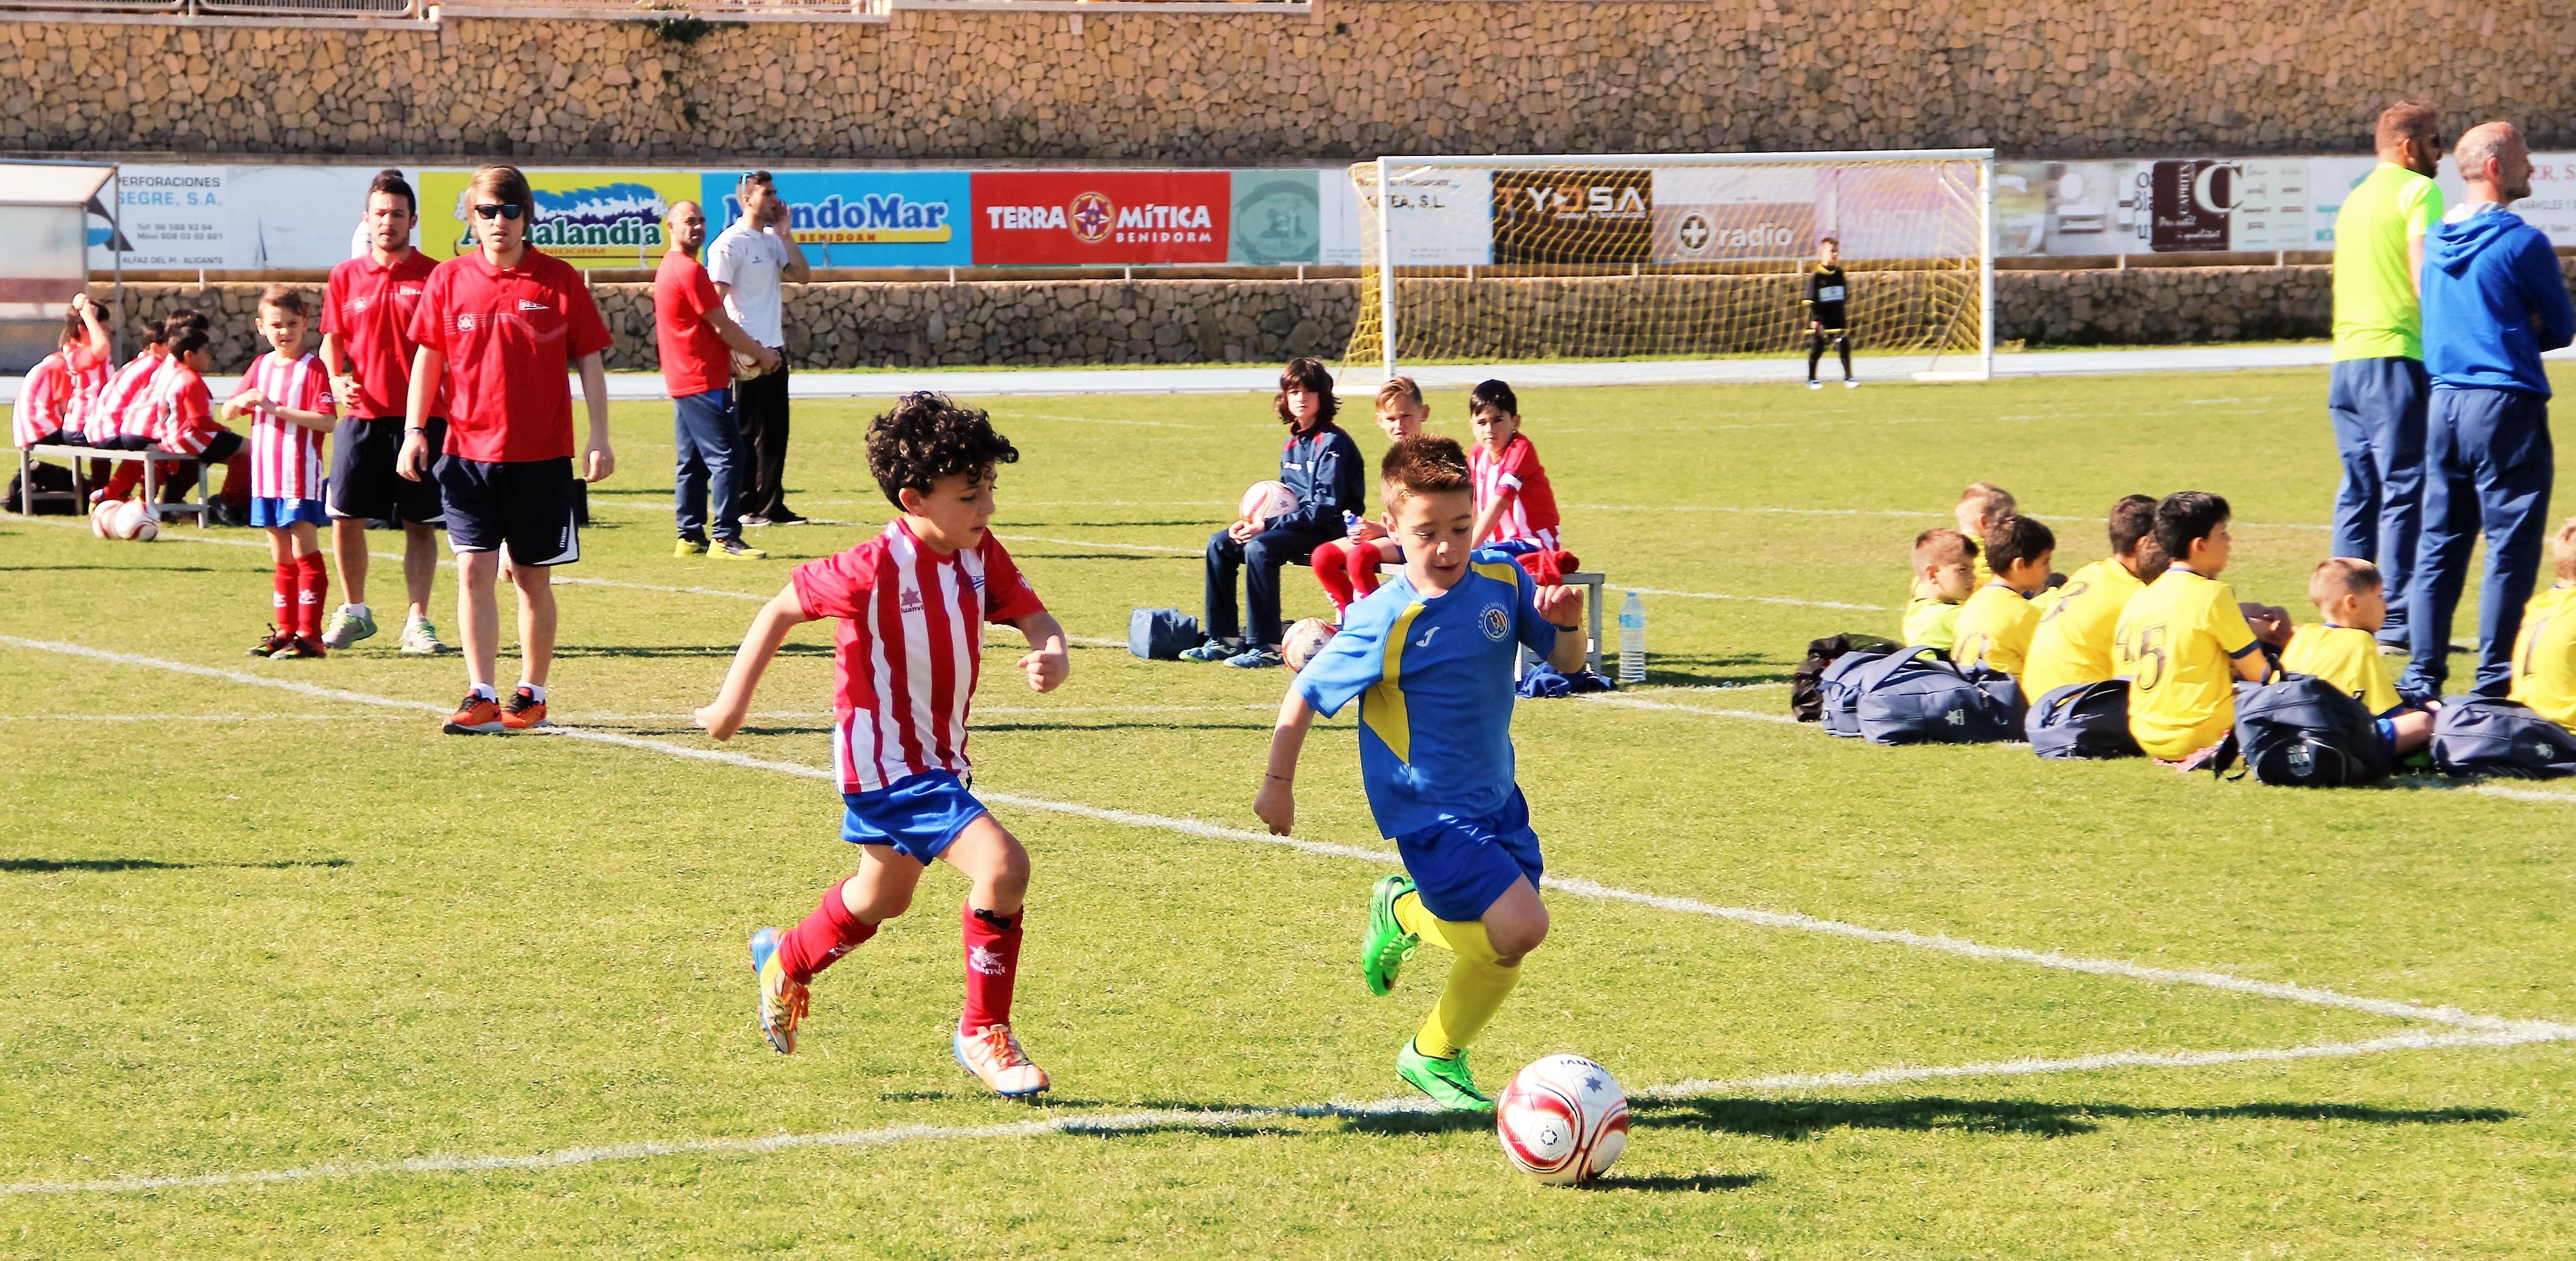 El CF l'Alfàs del Pi celebrara mañana sábado un día de convivencia con los equipos de la escuela de fútbol de Colmenar Viejo de Madrid